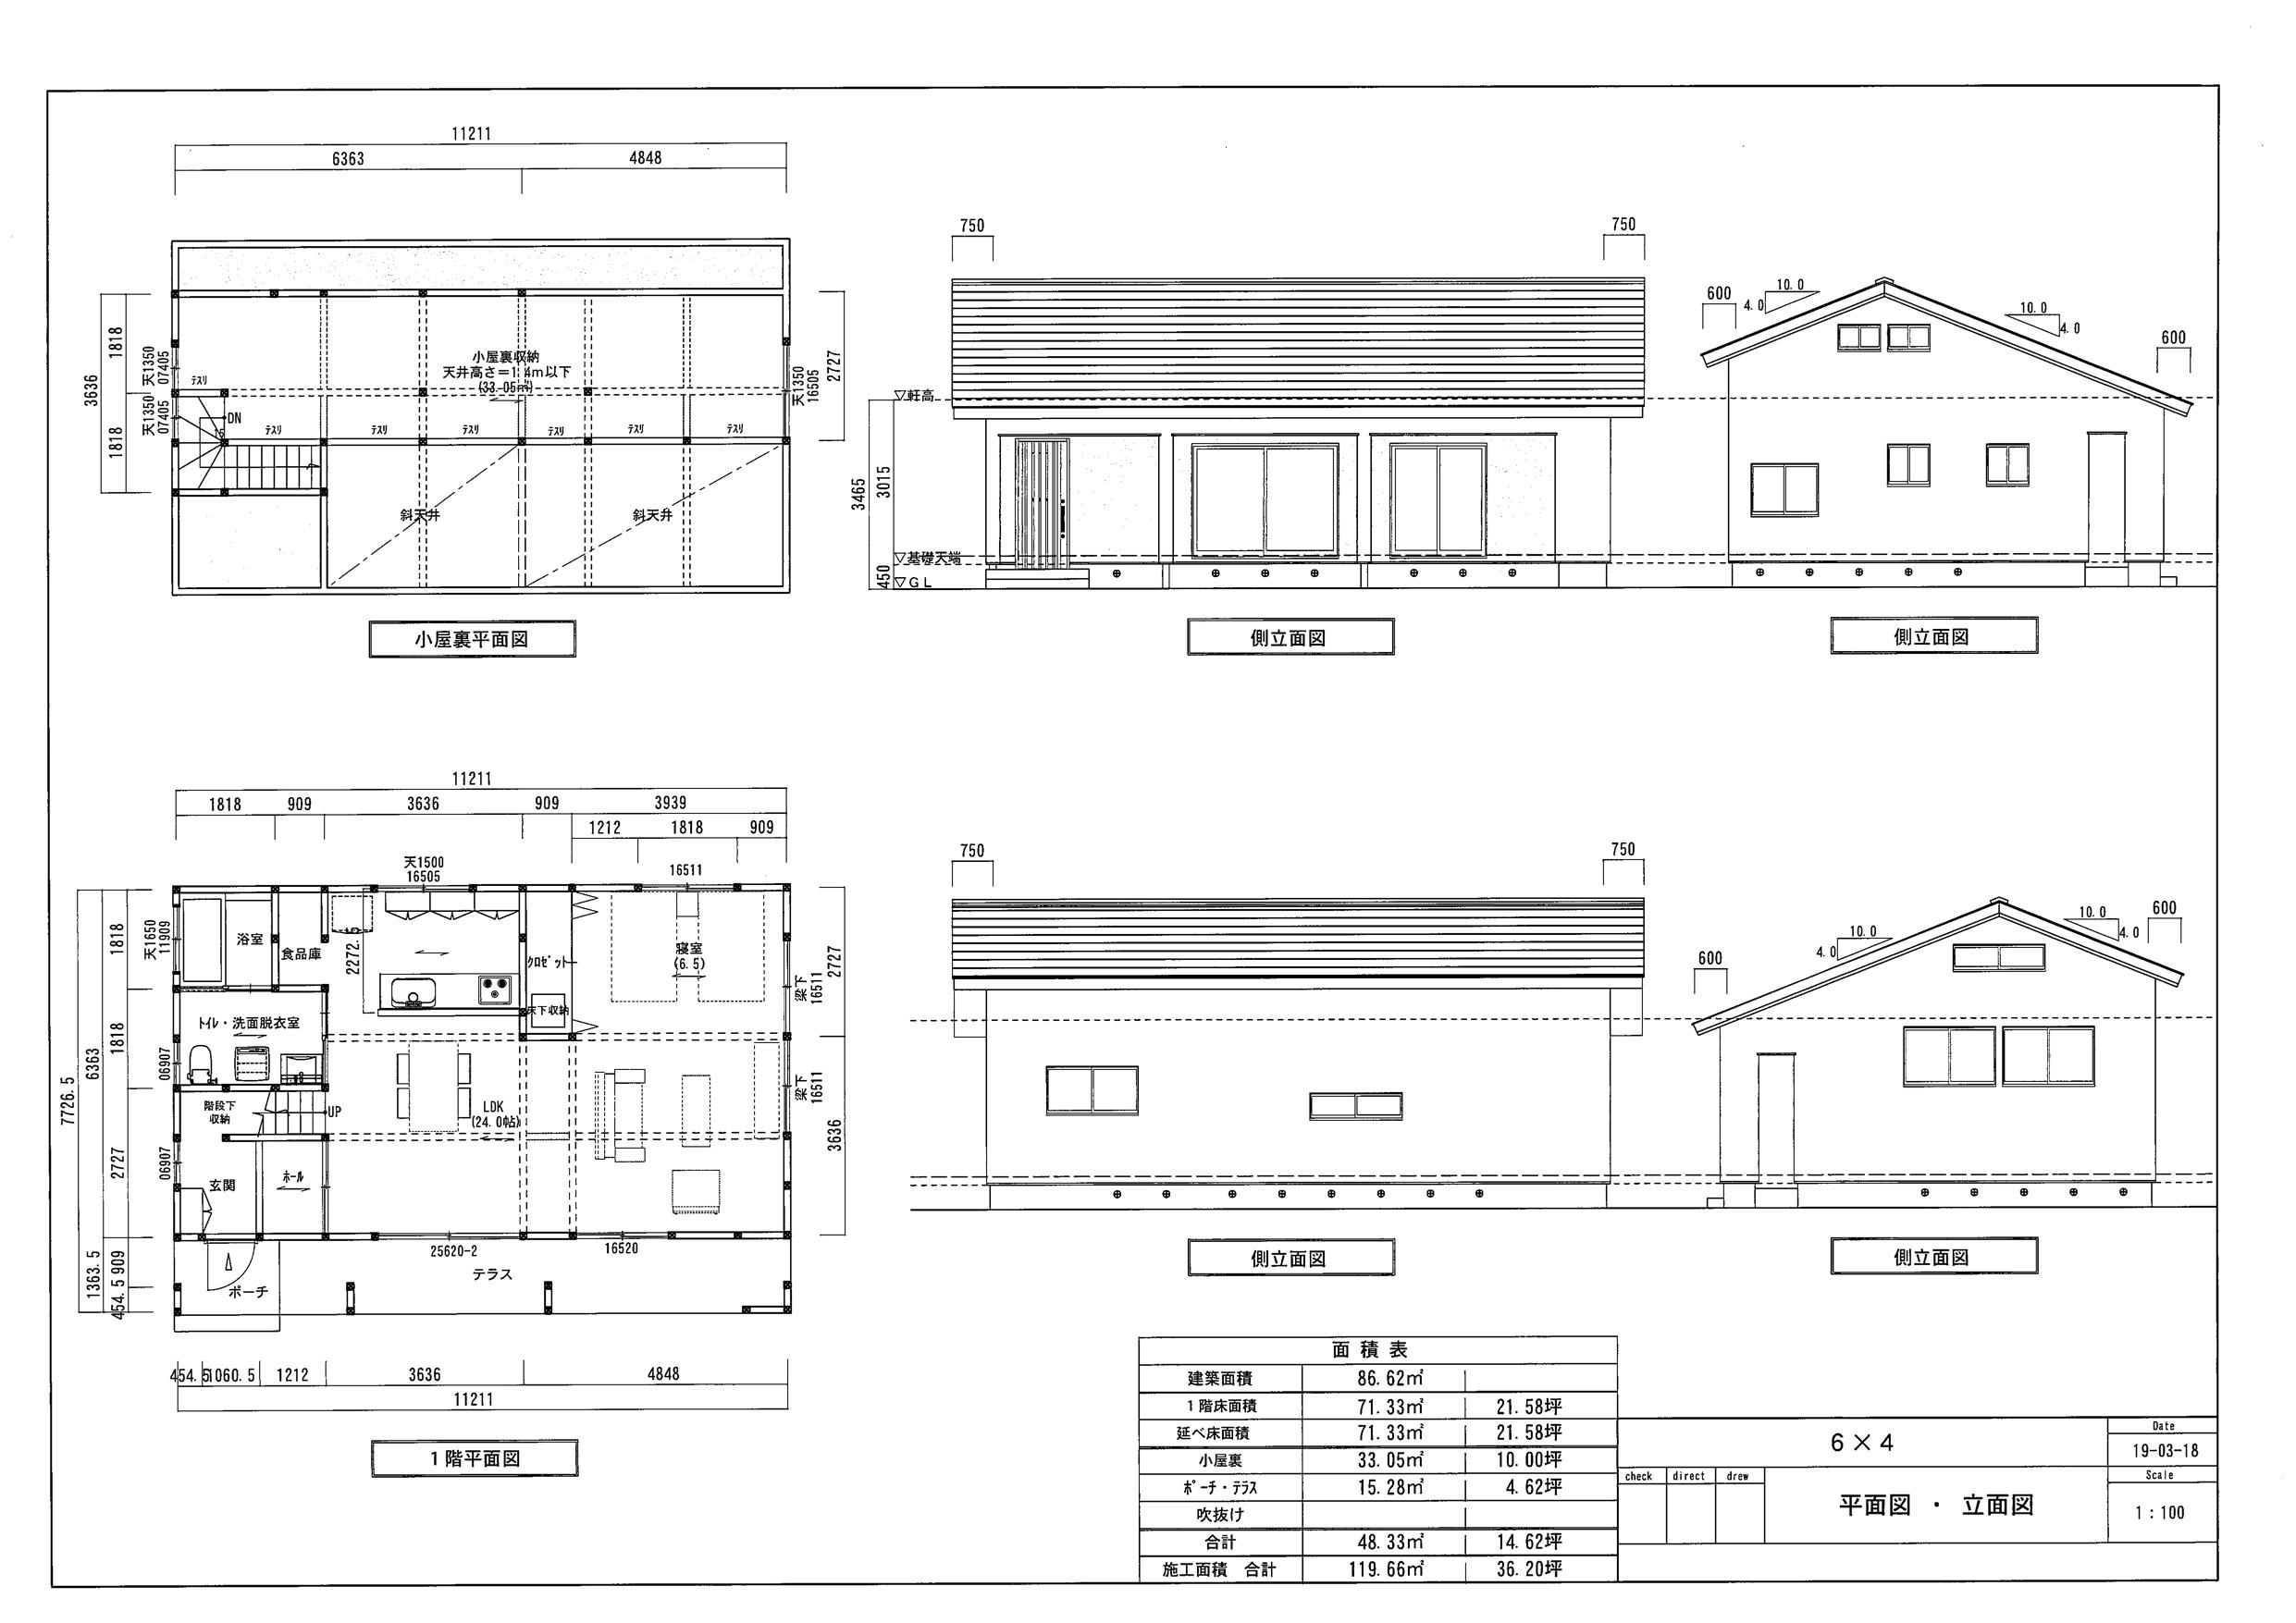 木のひらや 21.58坪(6×4)/1,850万円+税:画像